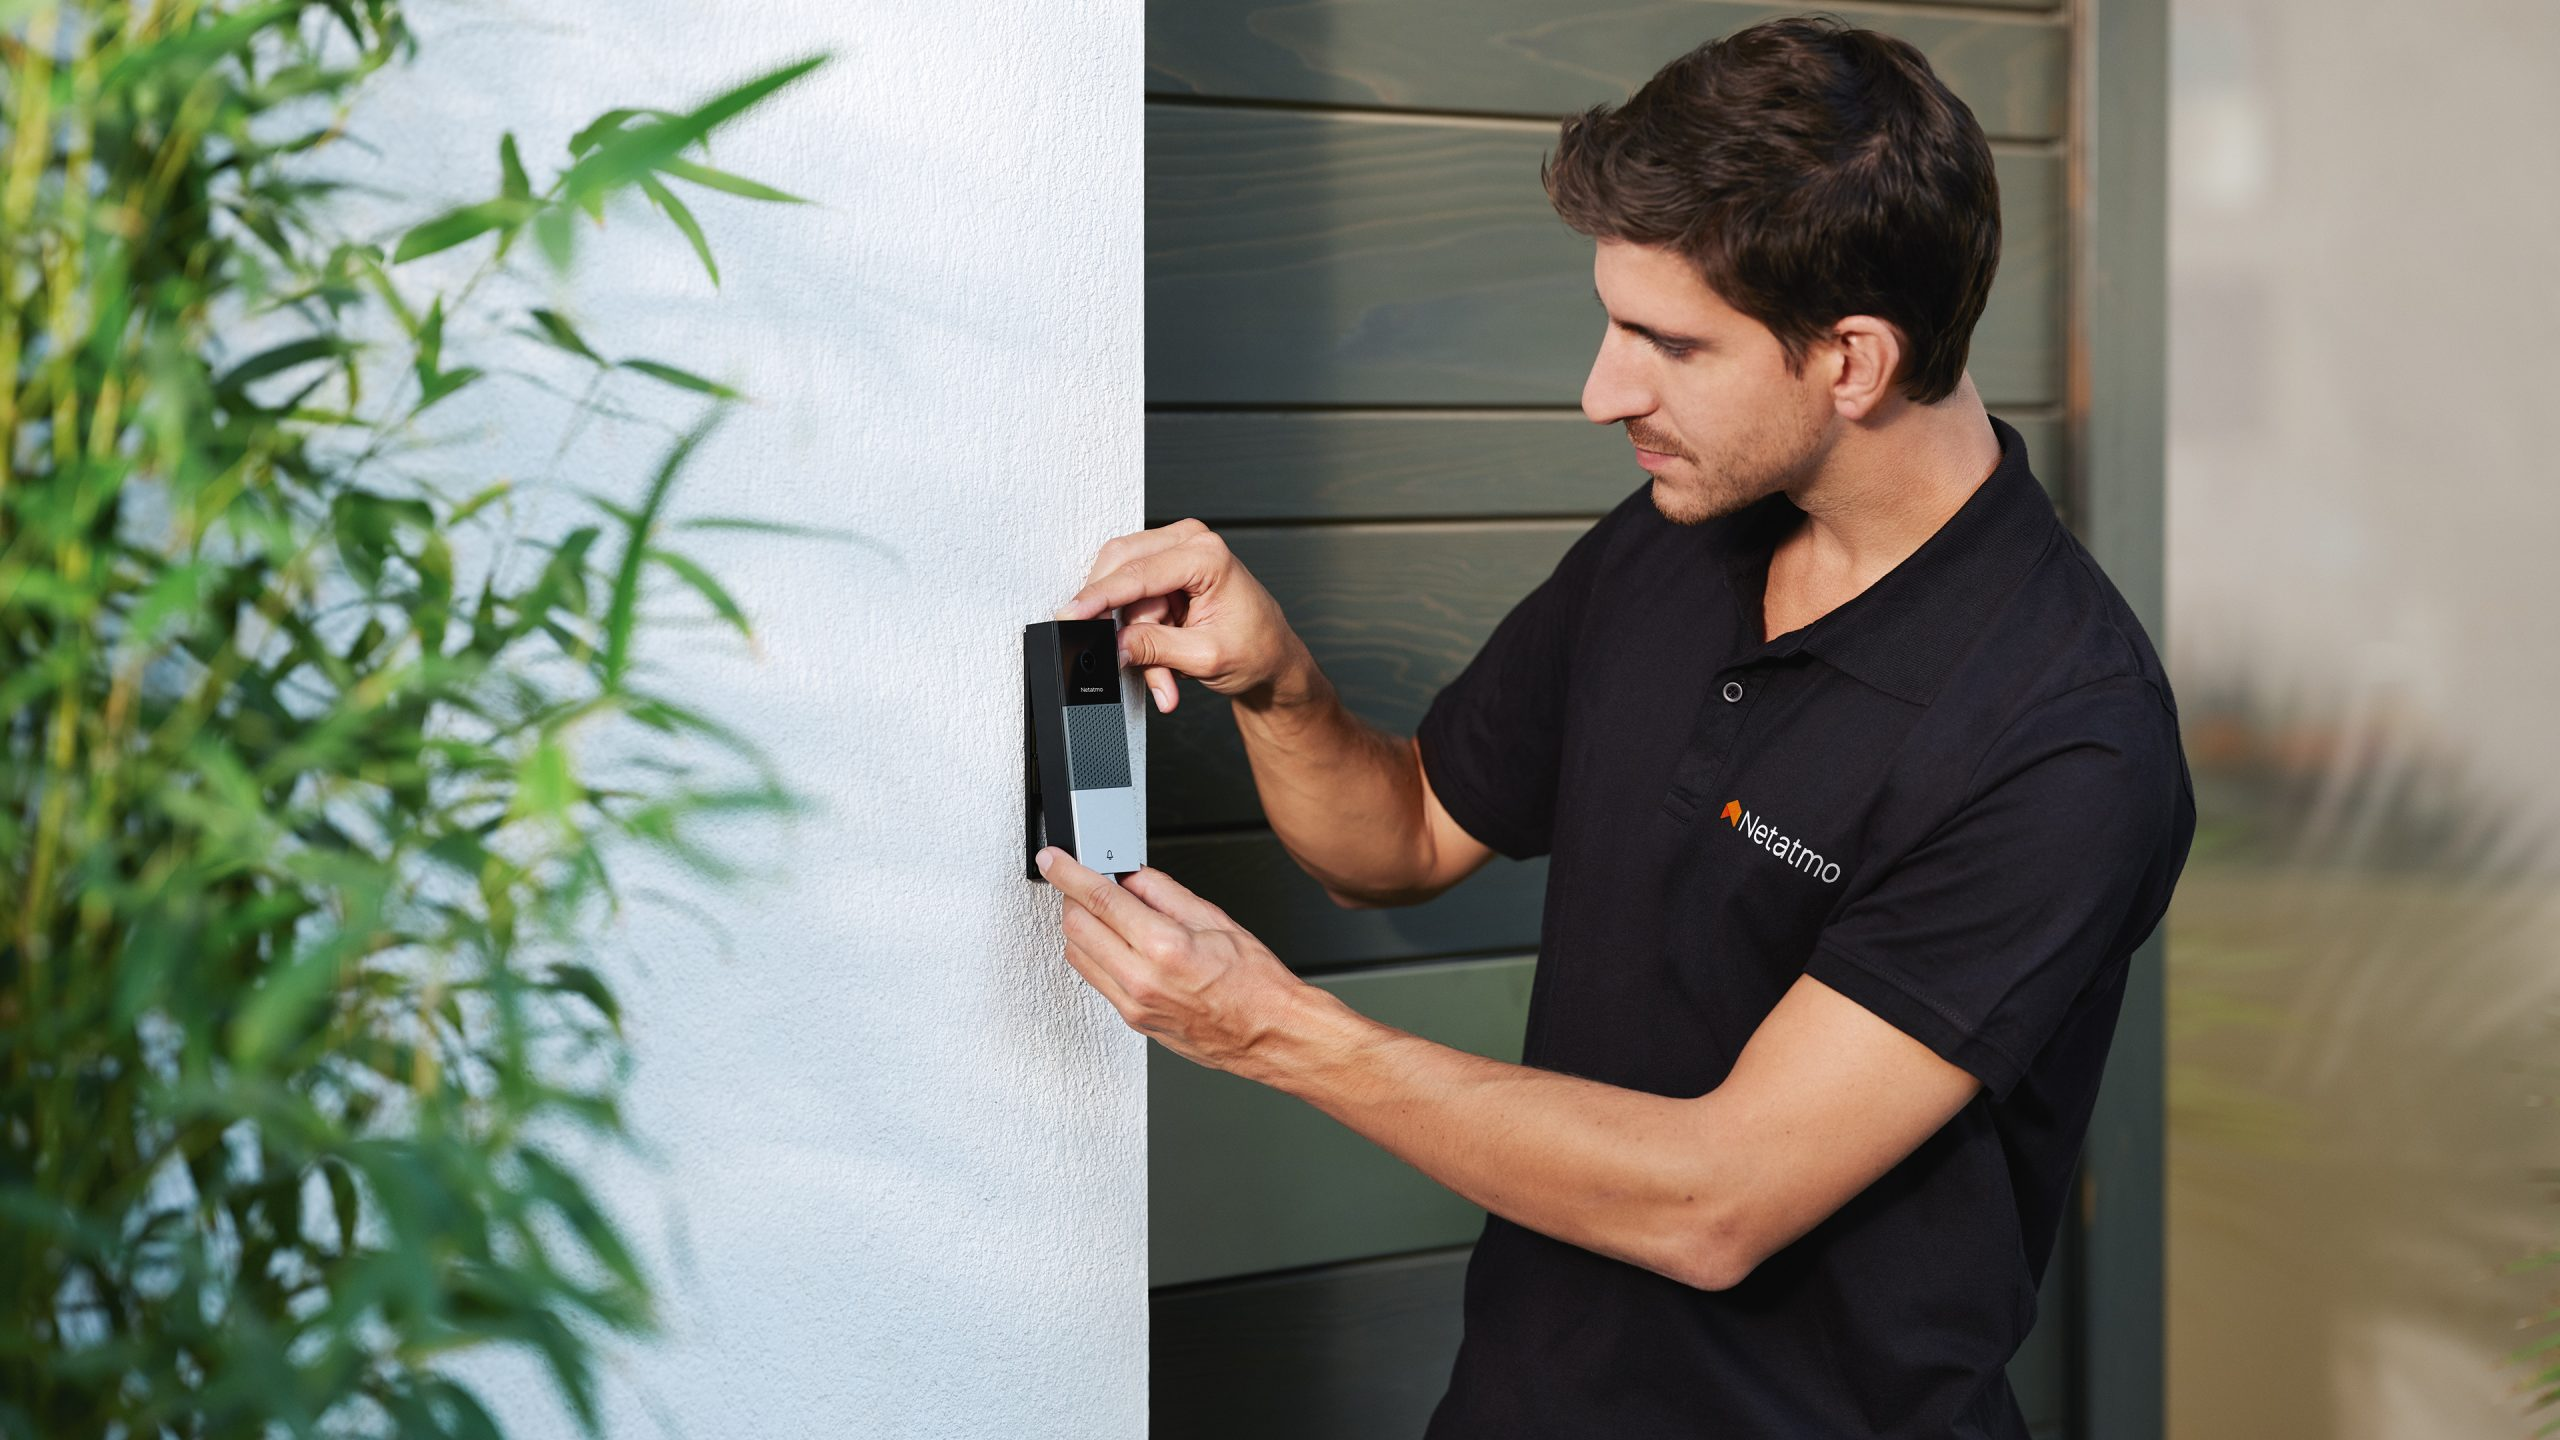 Netatmo Smart Video Doorbell installation